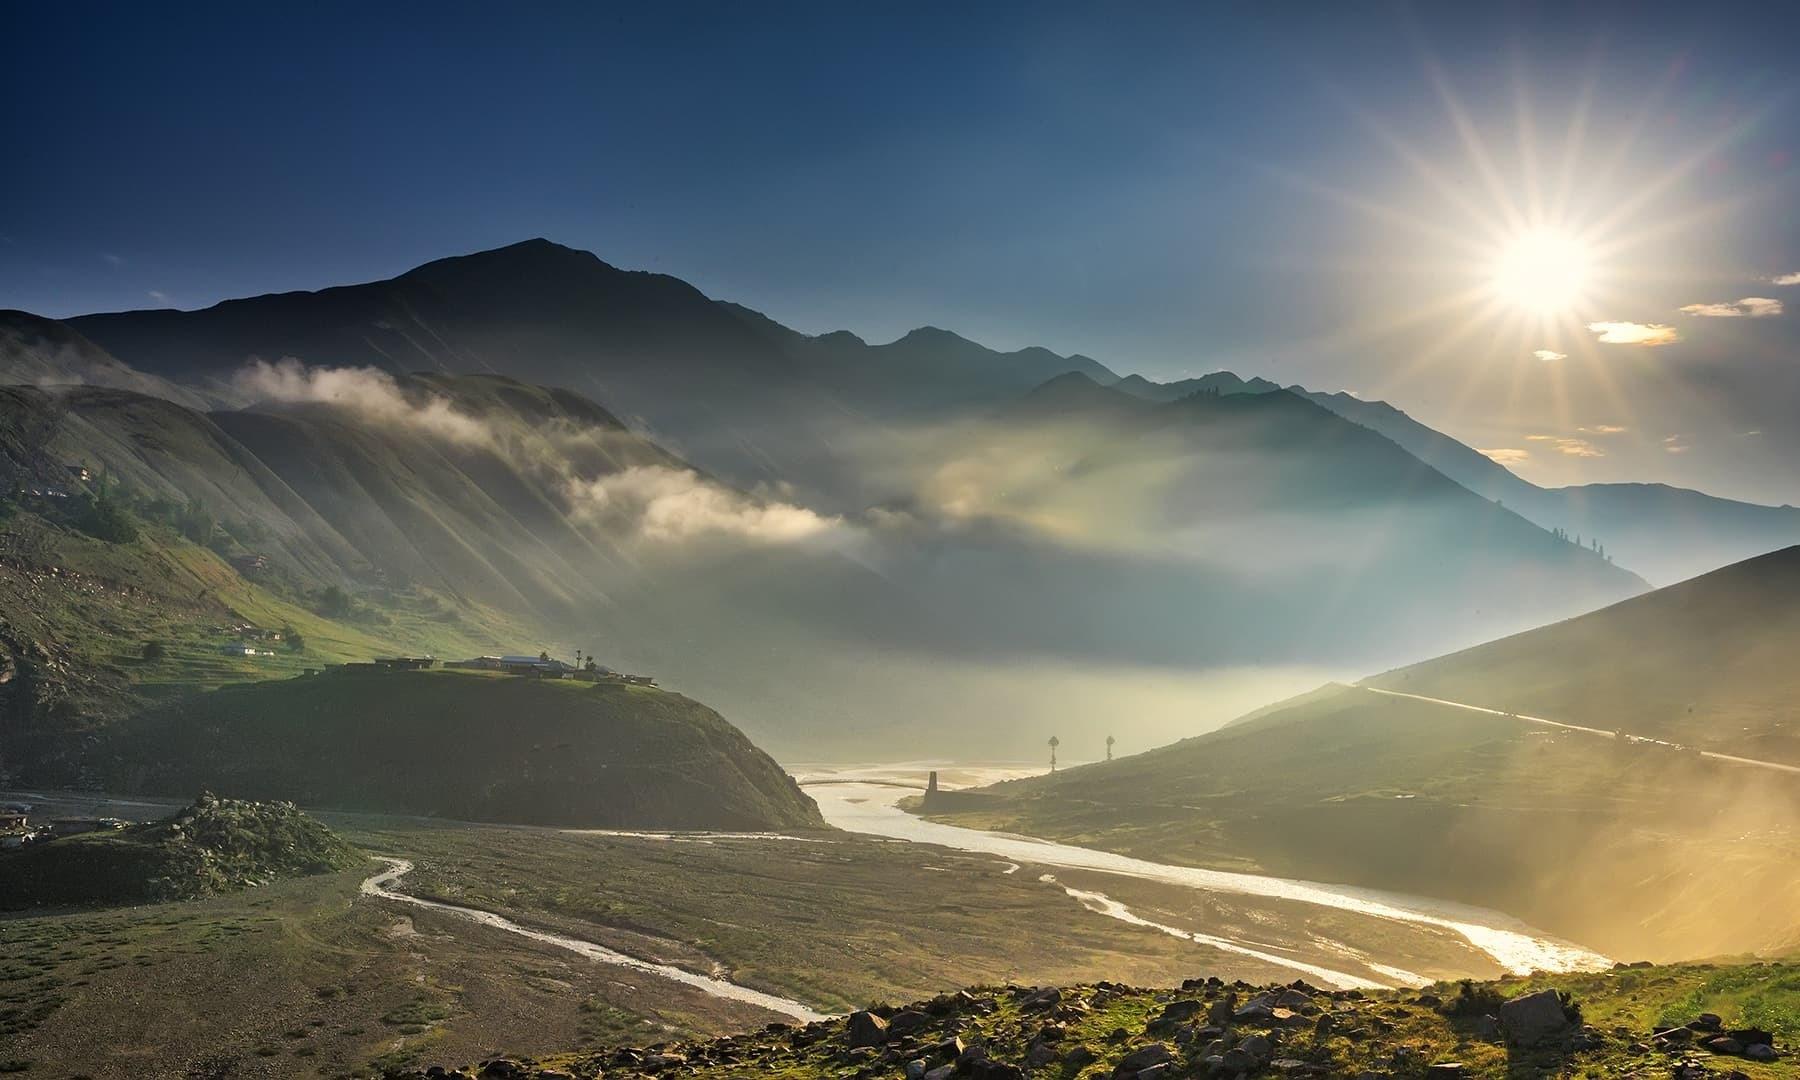 Sunset at Babusar. — Photo by Syed Mehdi Bukhari